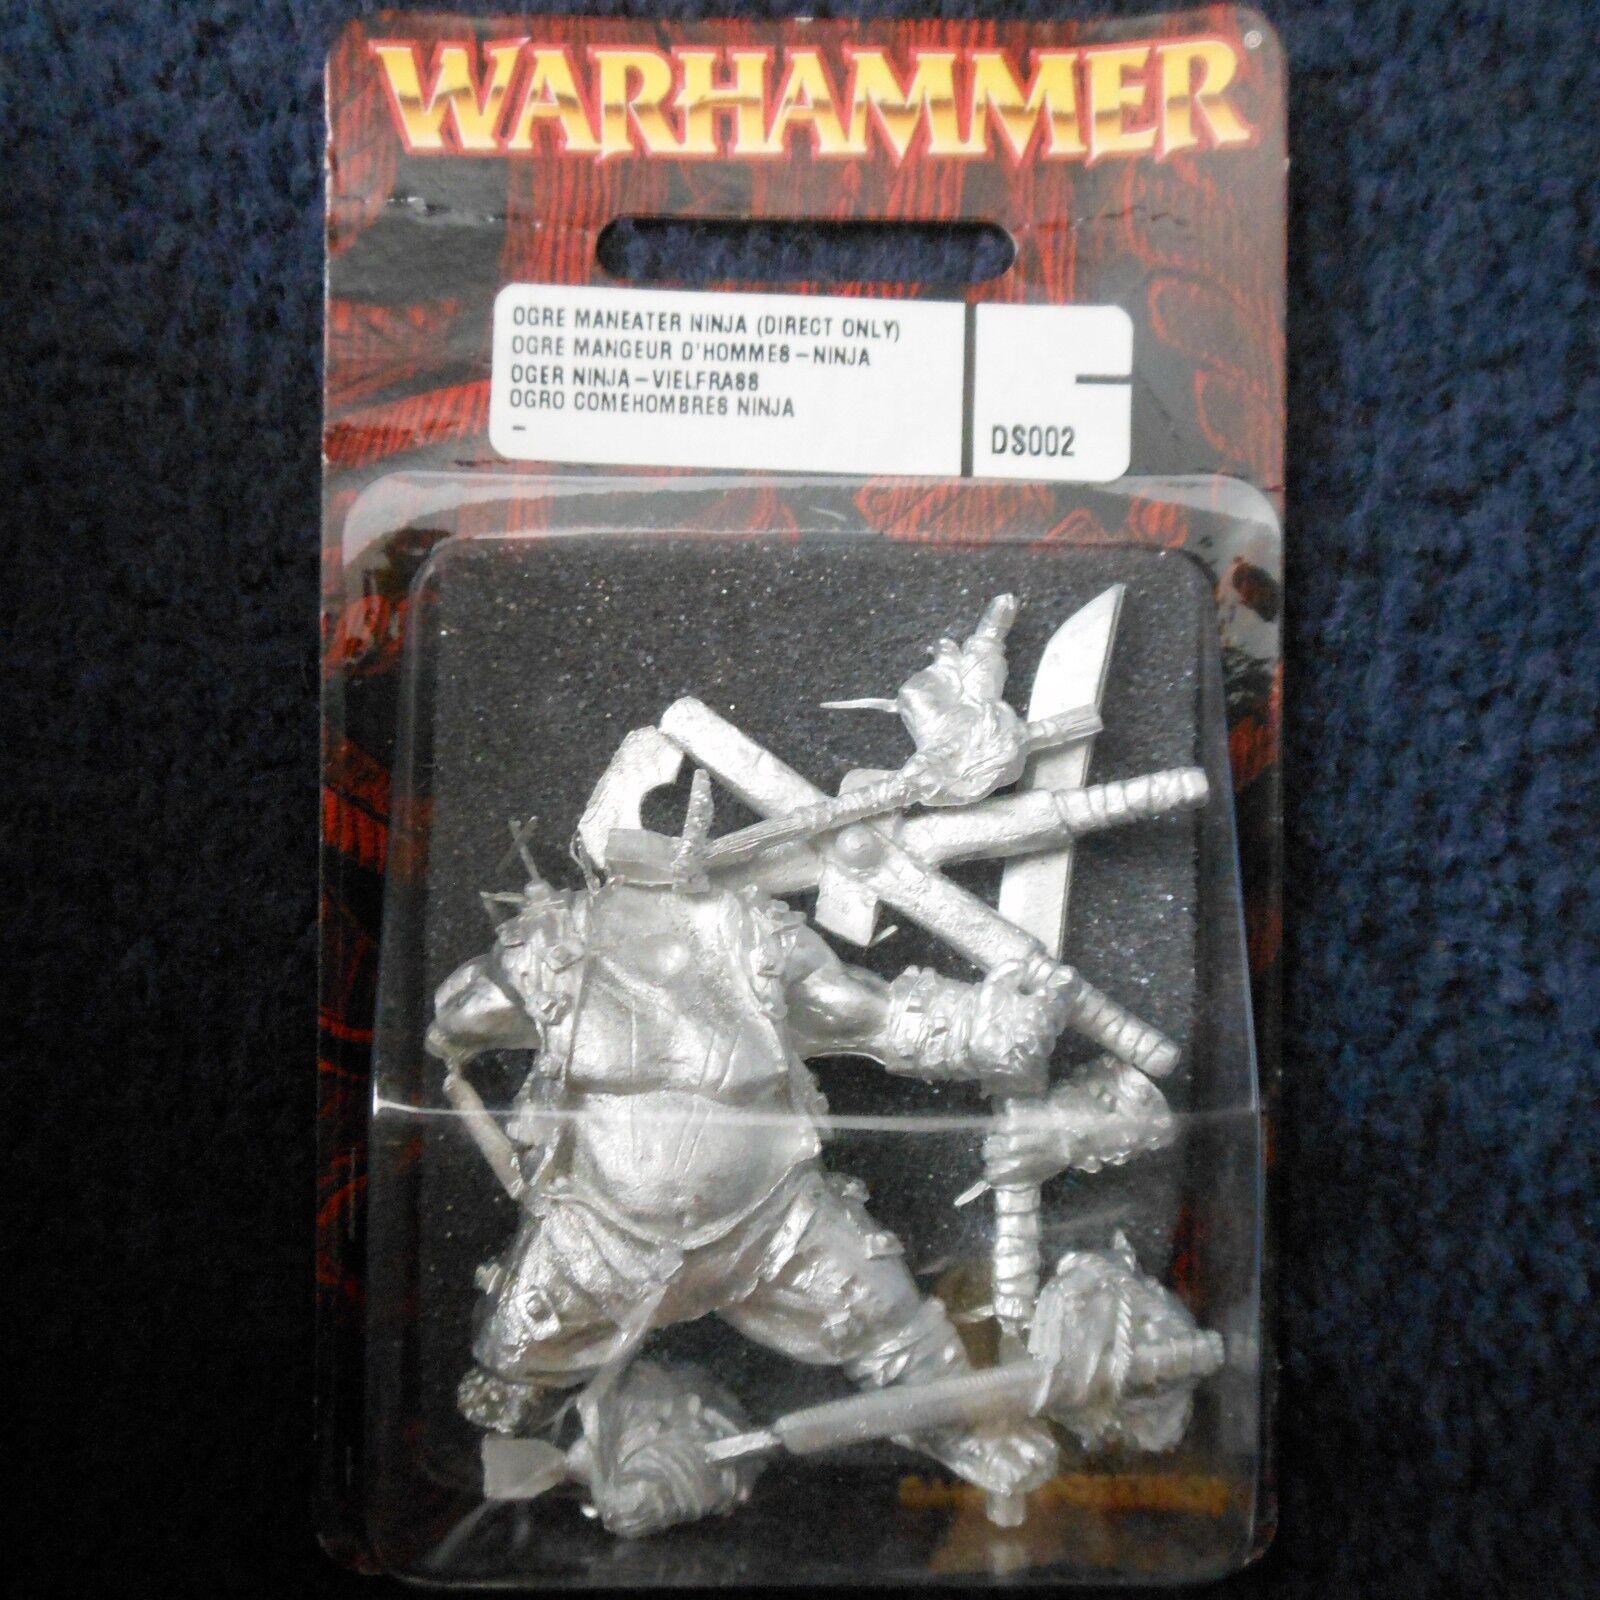 2001 Ogre Ninja Maneater DS002 Direct Only Warhammer Kingdoms Citadel Ogor MIB